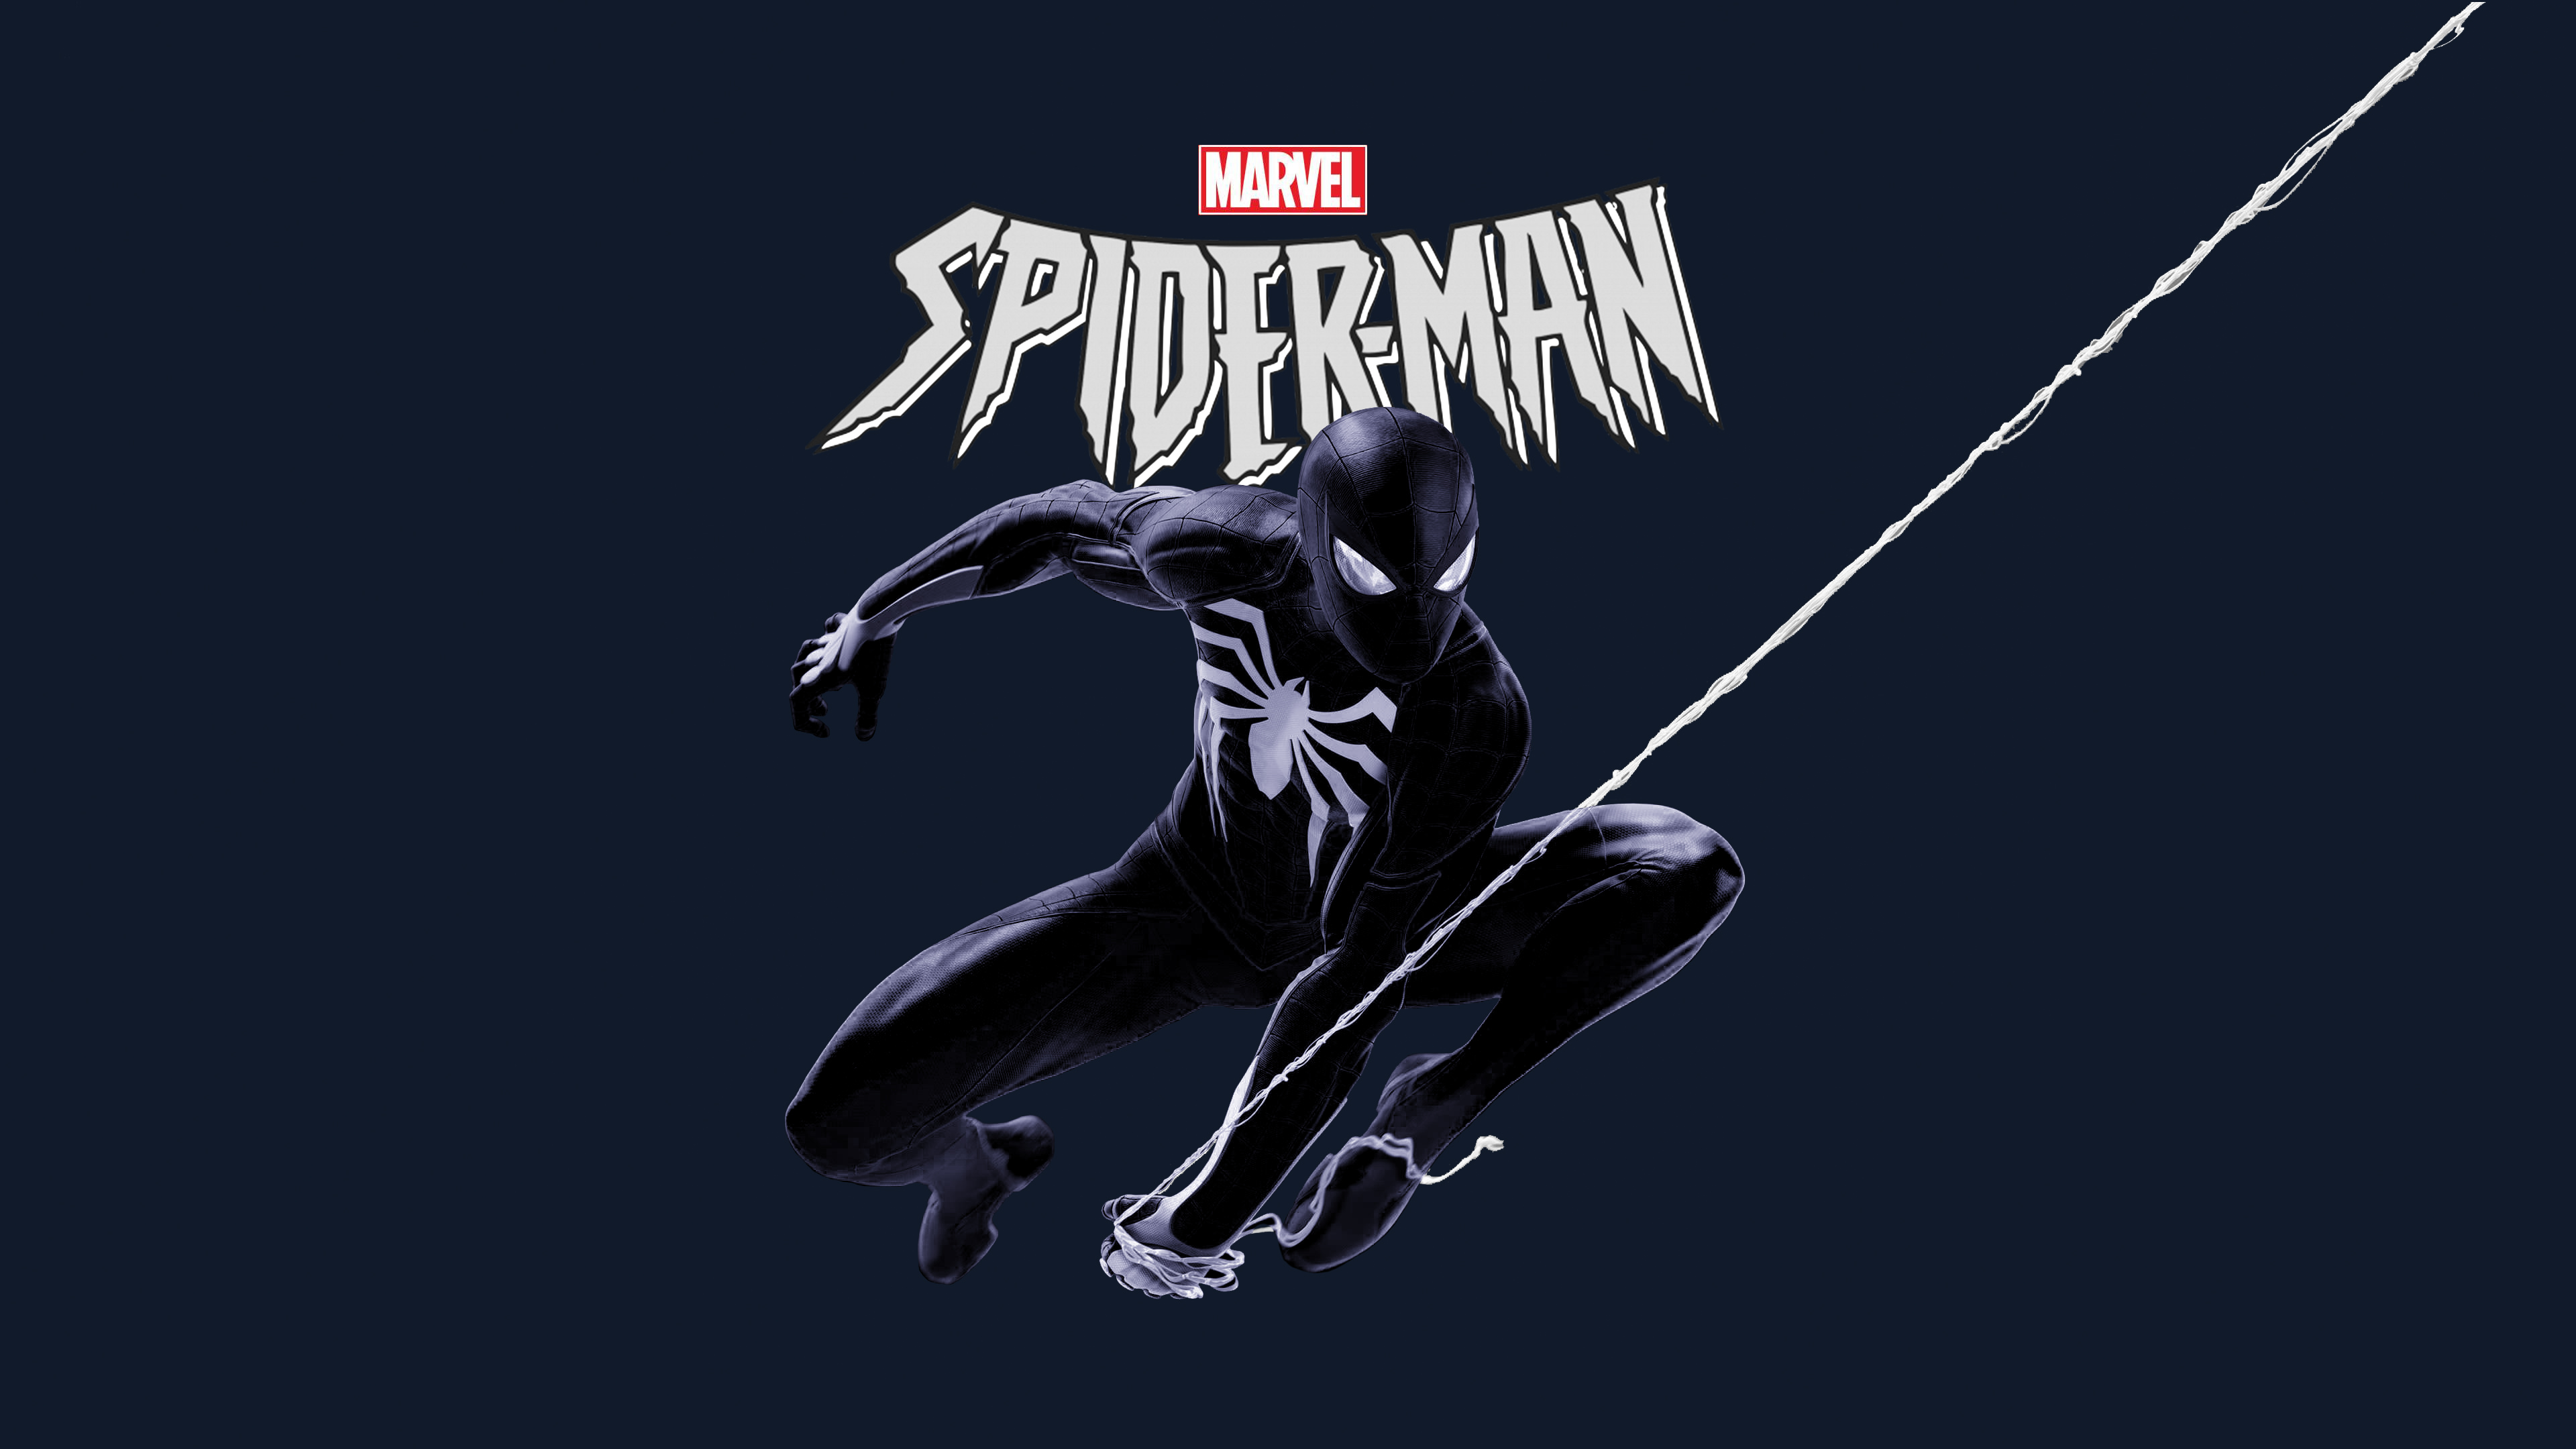 Marvel Black Spiderman 4k, HD Superheroes, 4k Wallpapers ...